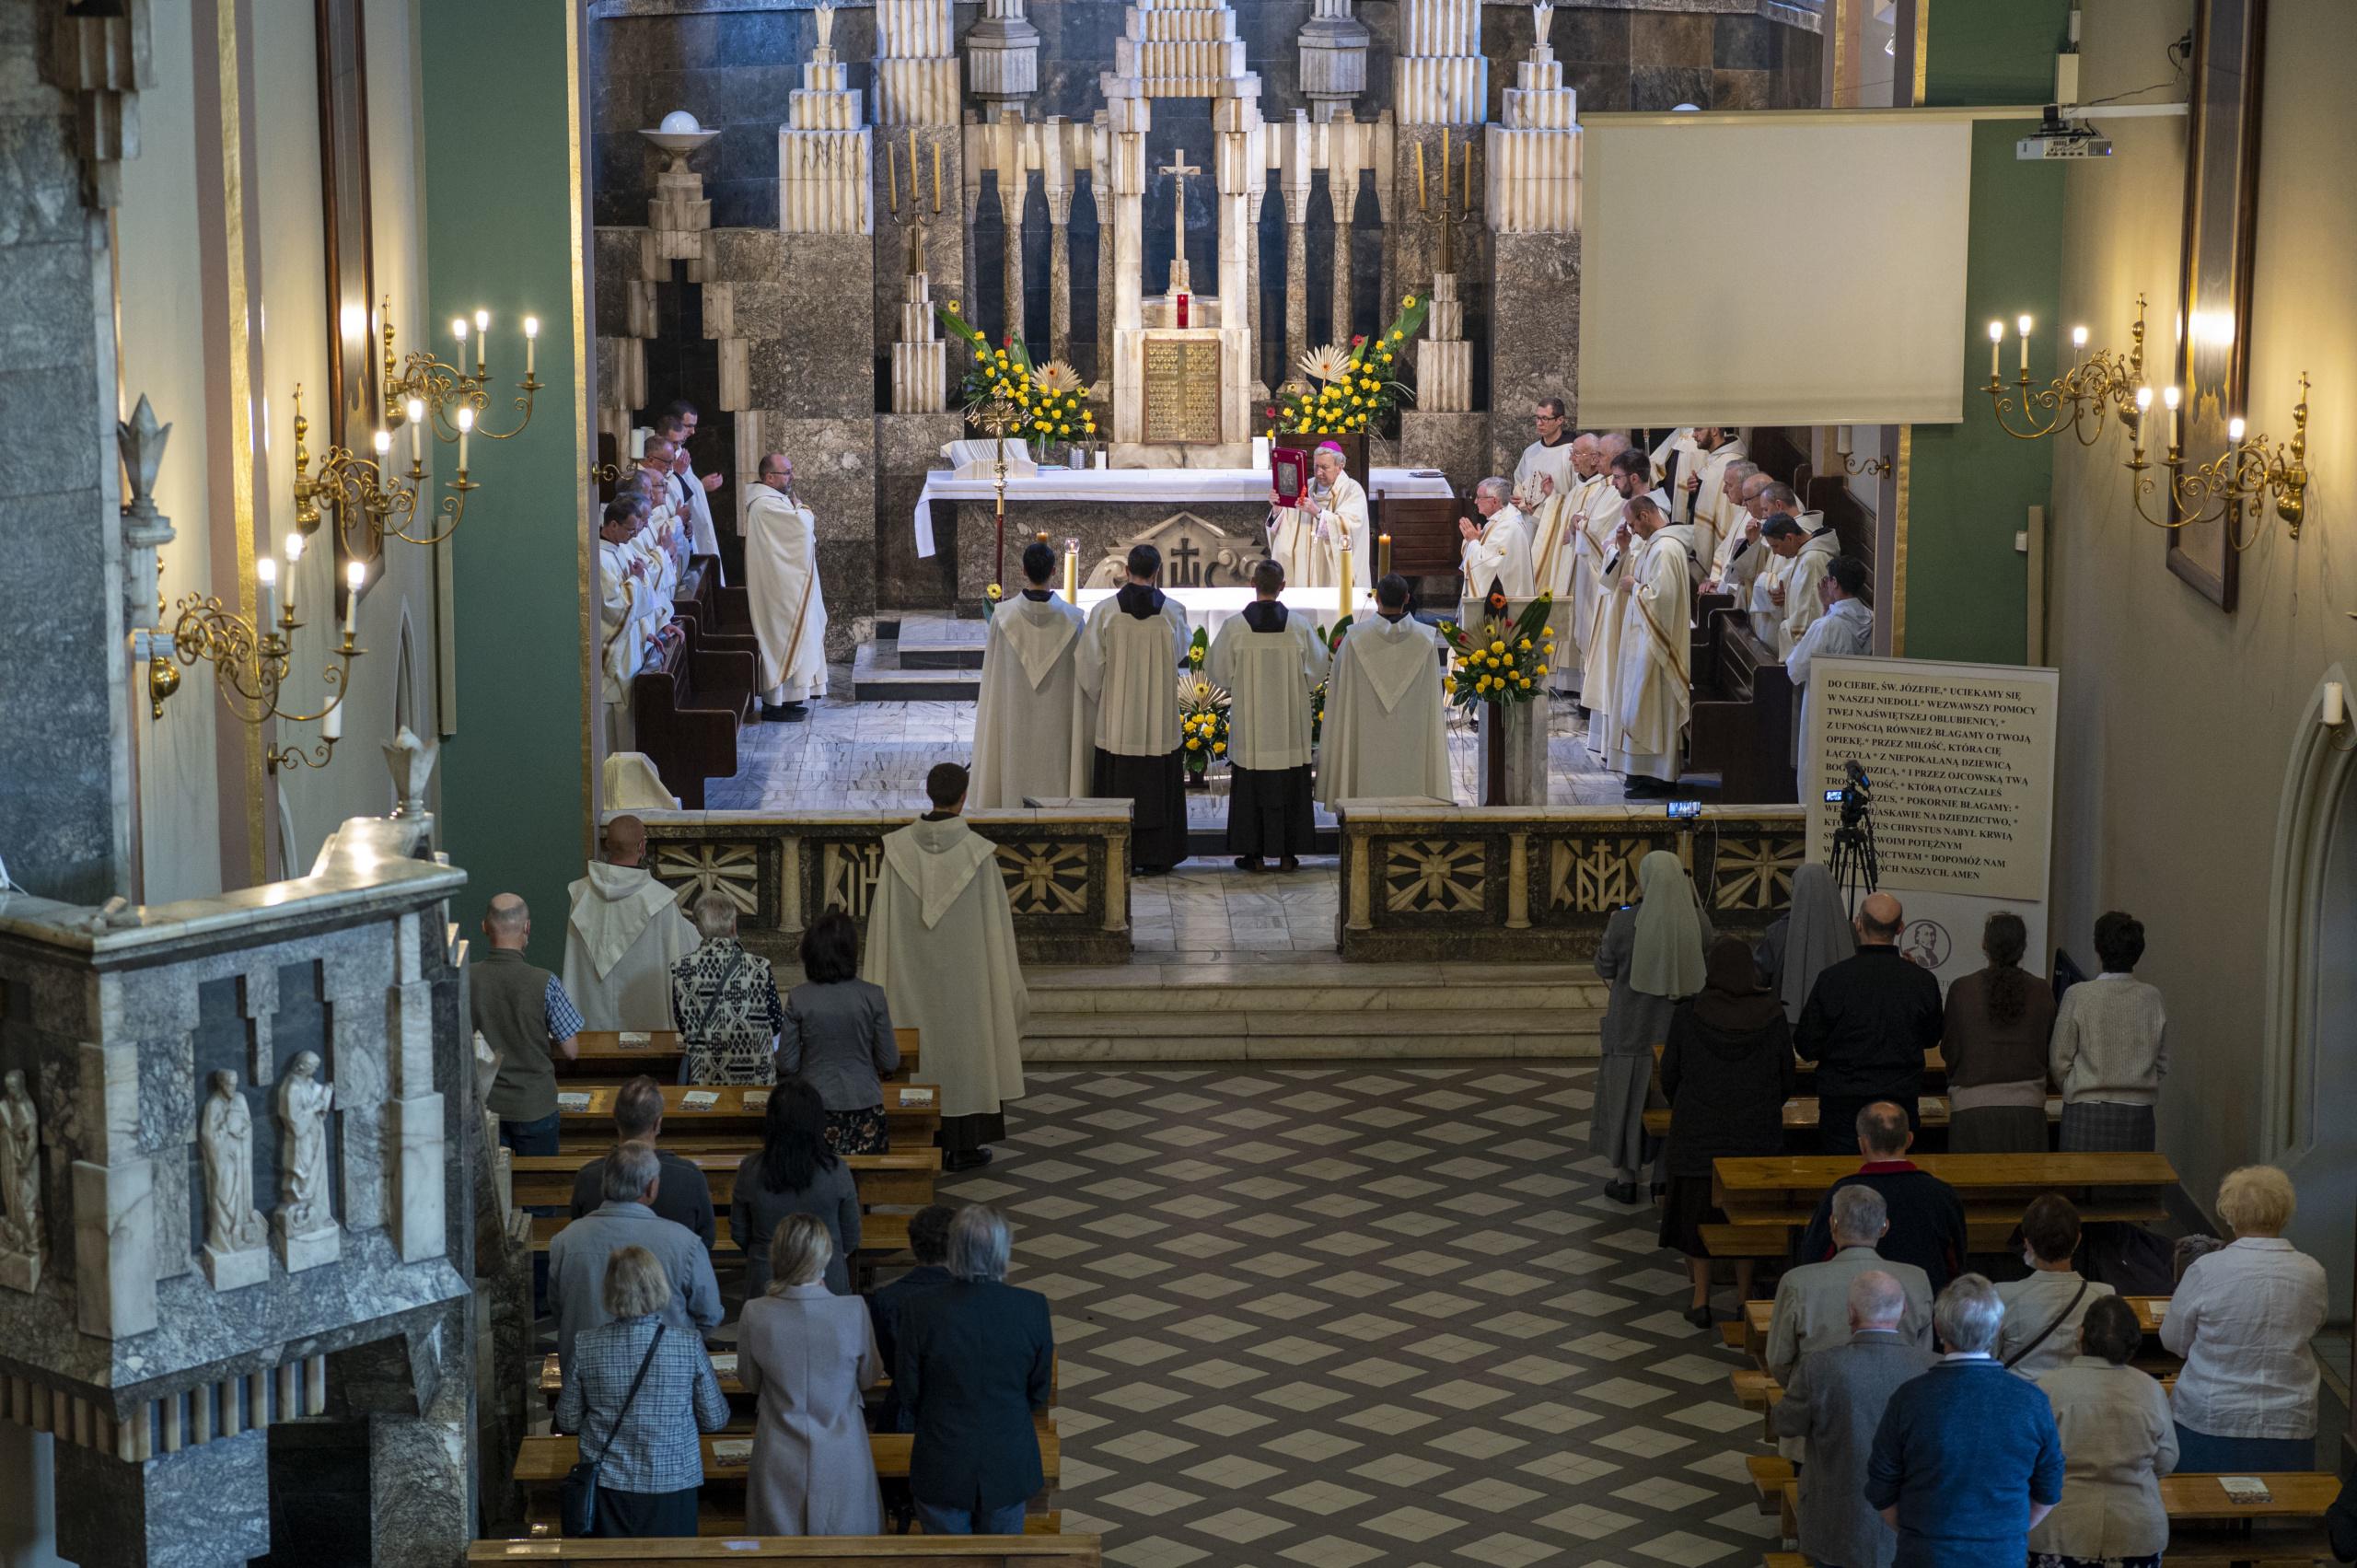 Jubileusz 50-lecia Misji Karmelitańskich w Burundi i Rwandzie 03.10.2021 r.